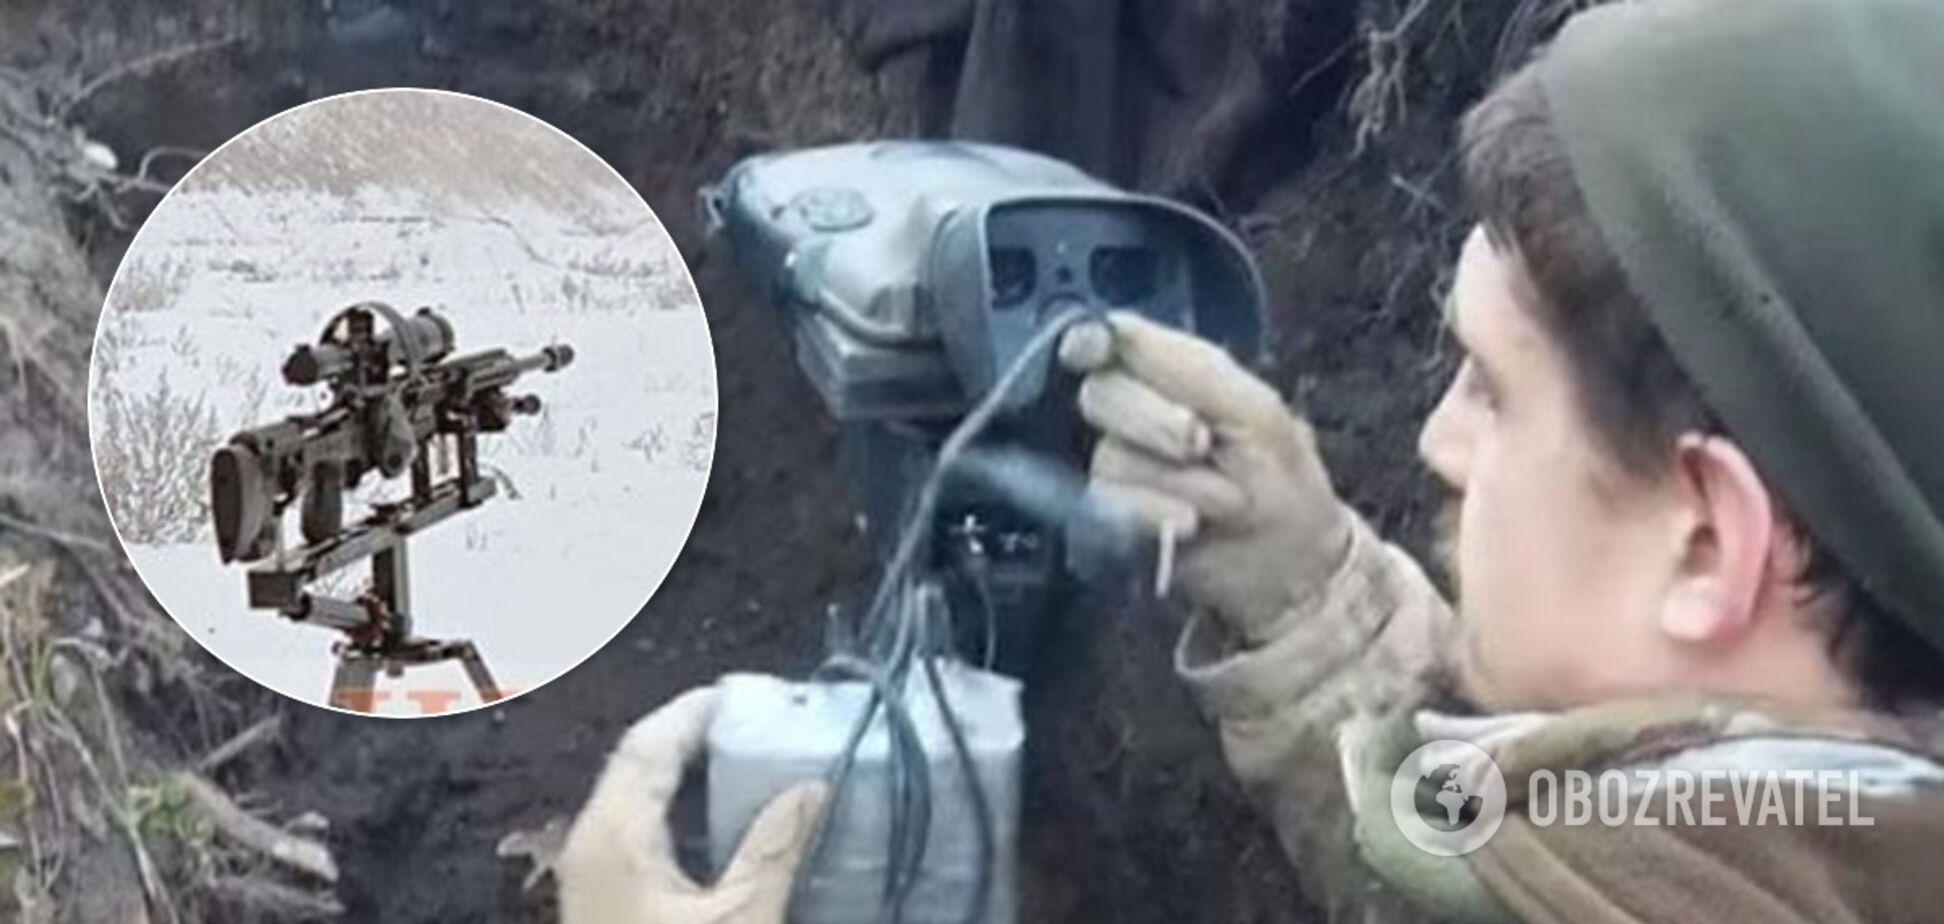 Росія вбиває українців на Донбасі за допомогою озброєння із Франції. Фото